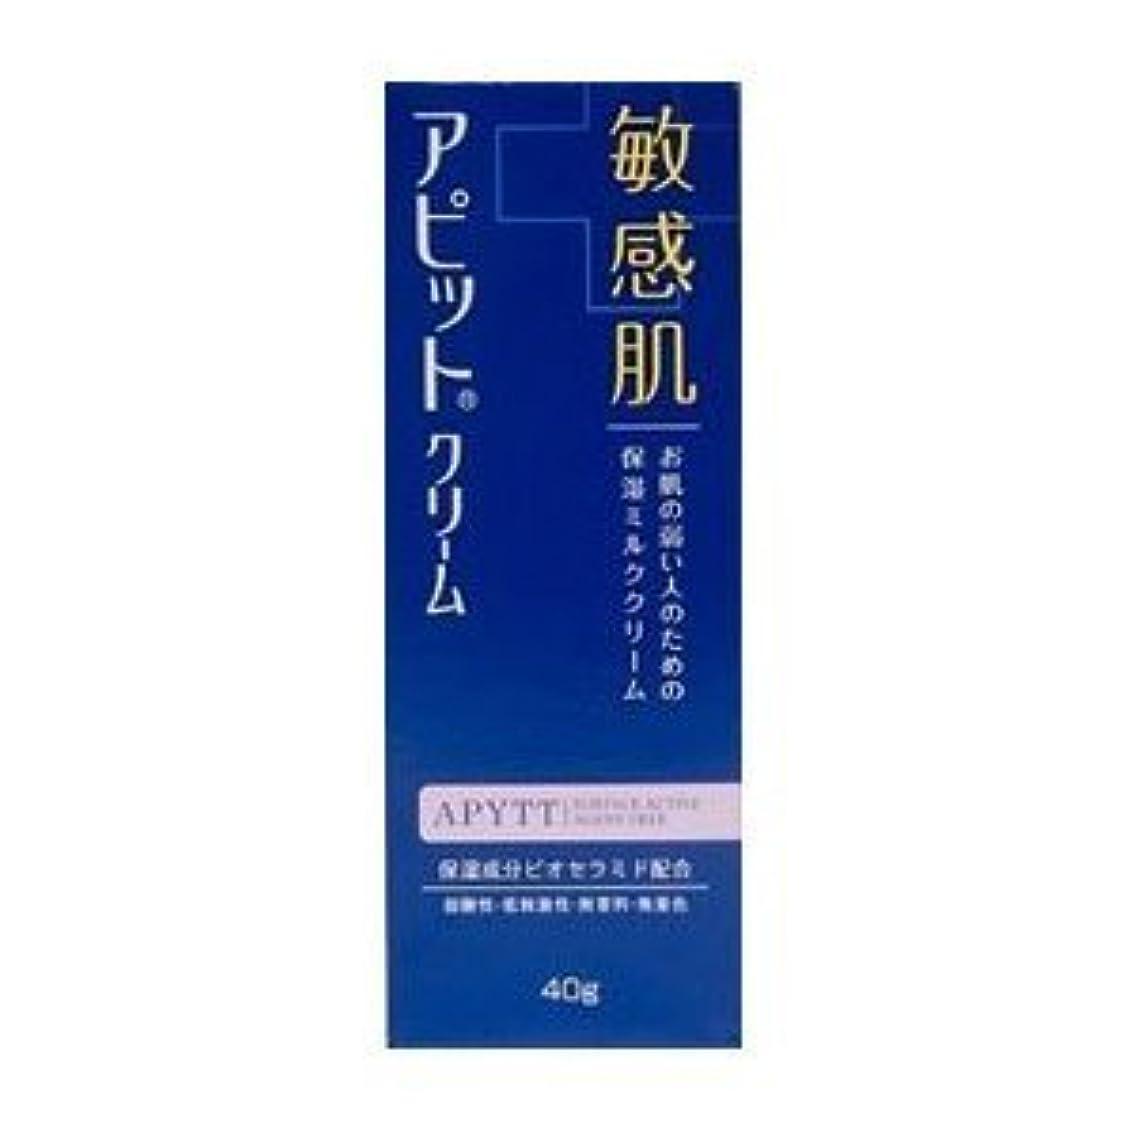 資本主義サドル偶然の全薬工業 アピットクリーム 40g×3個セット (医薬部外品)